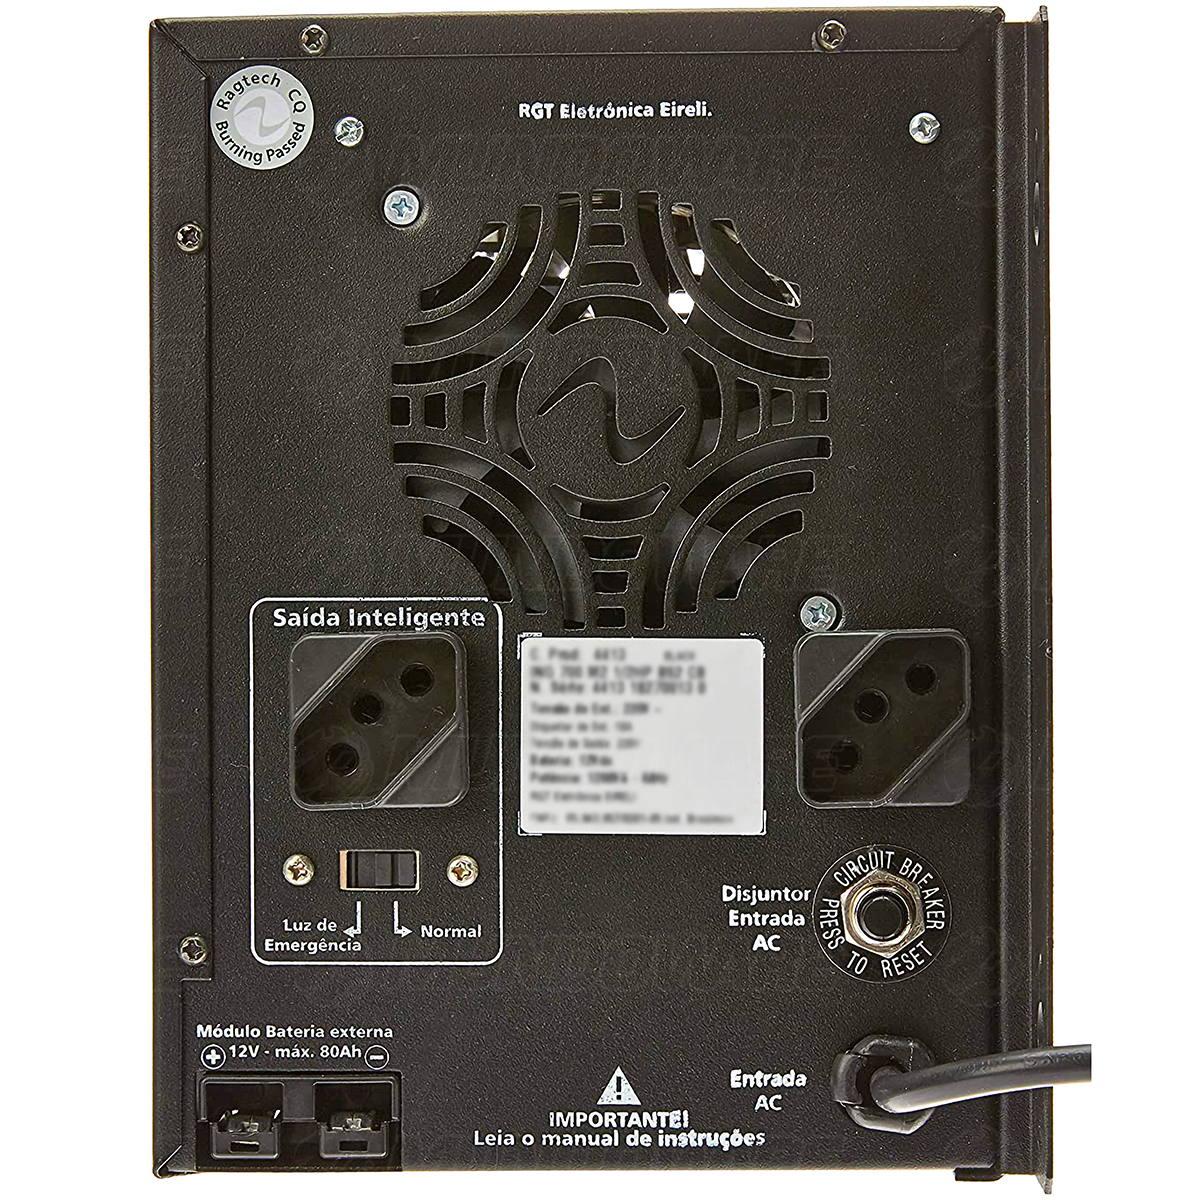 Nobreak de Portão Eletrônico Senoidal Puro 1/2HP 700VA 2 Baterias Internas de 7Ah E.115/127/220V S.115V Ragtech 4411